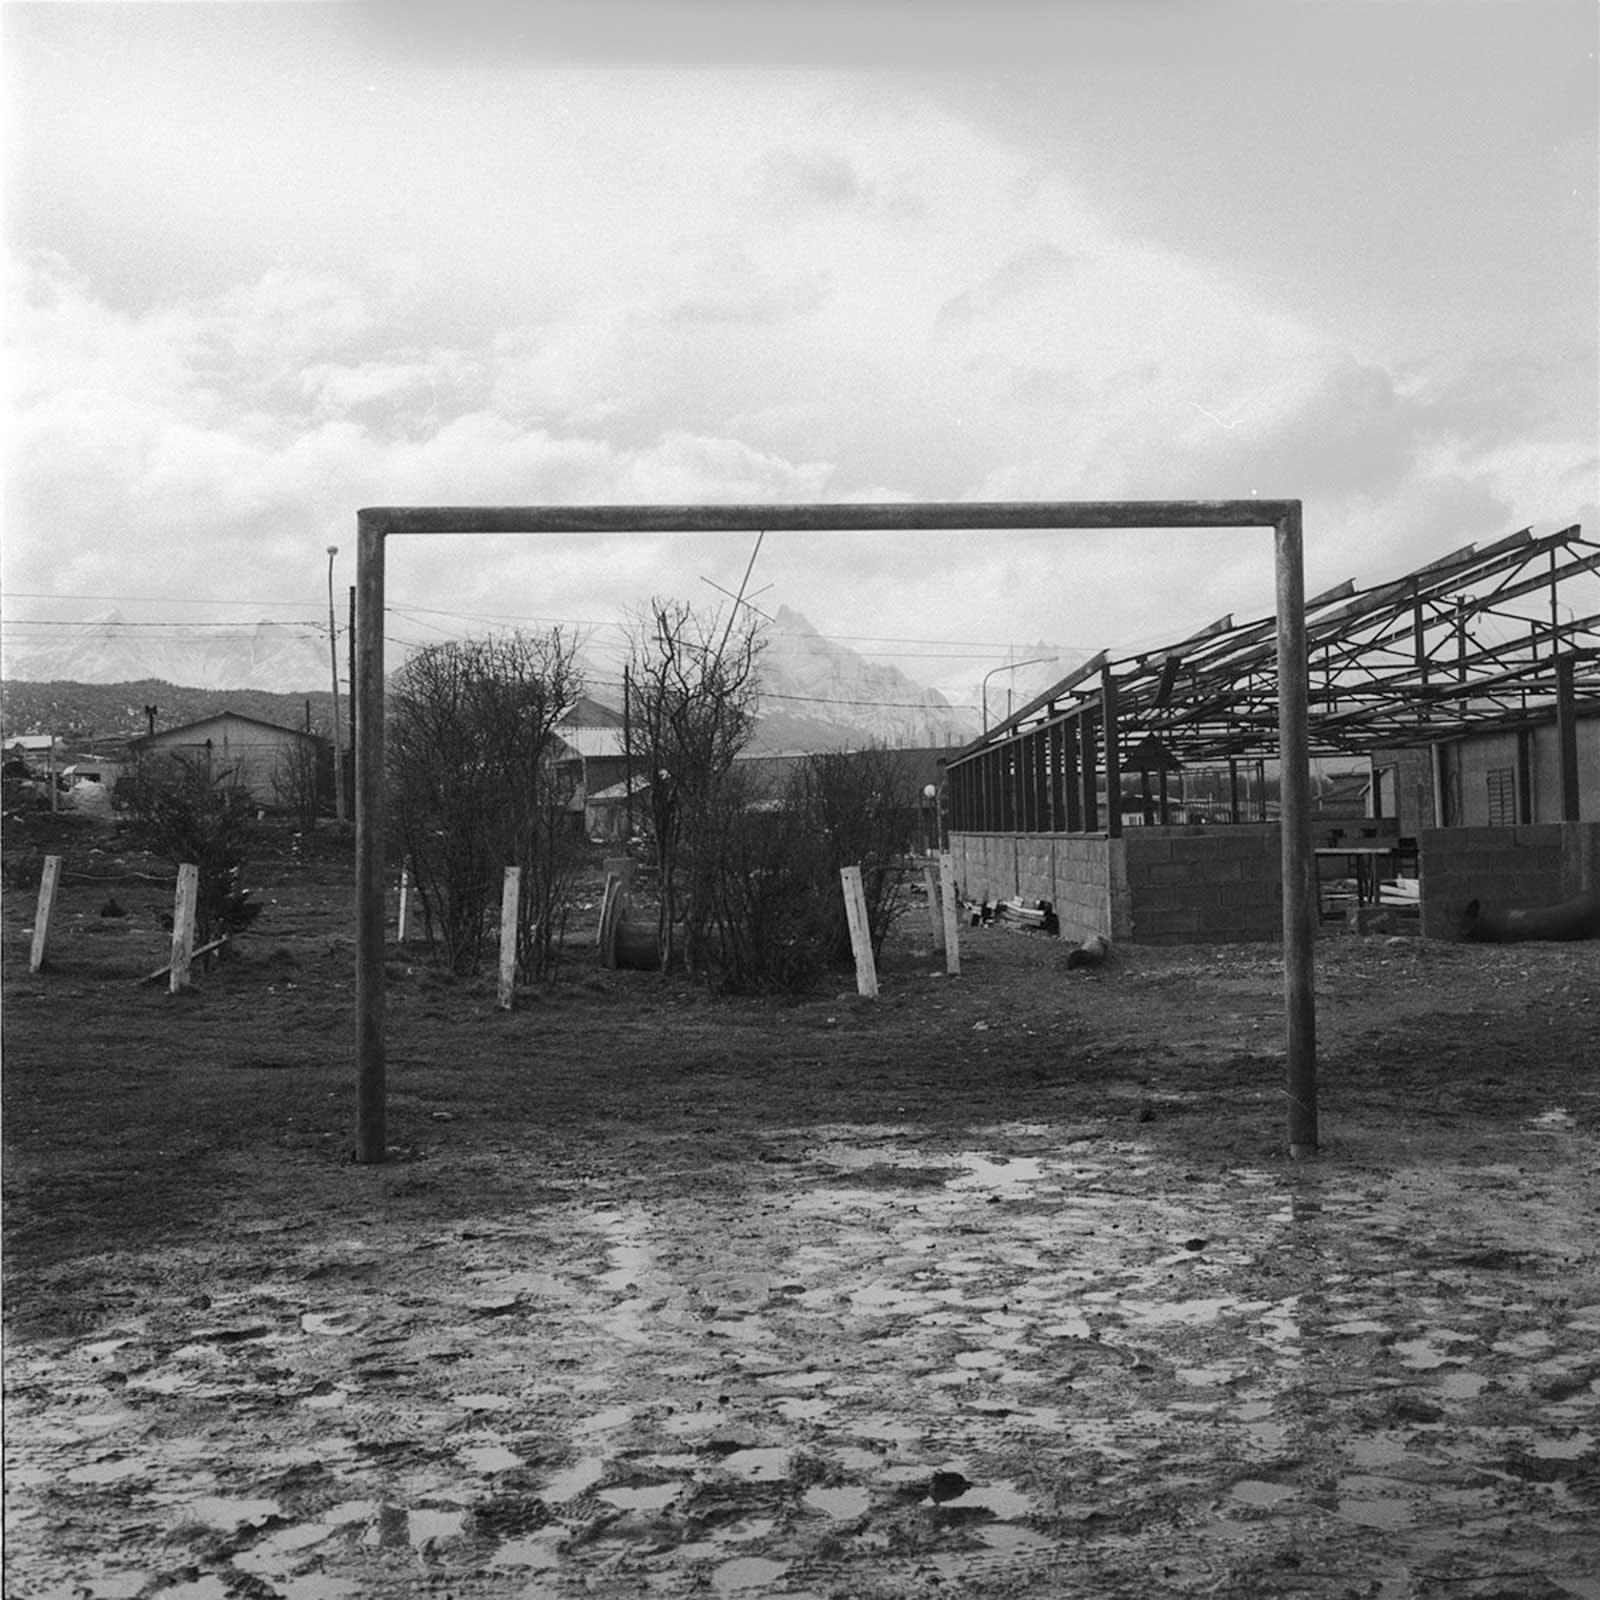 Pierre Schwartz, Ushuaïa #2, Argentine, 2001